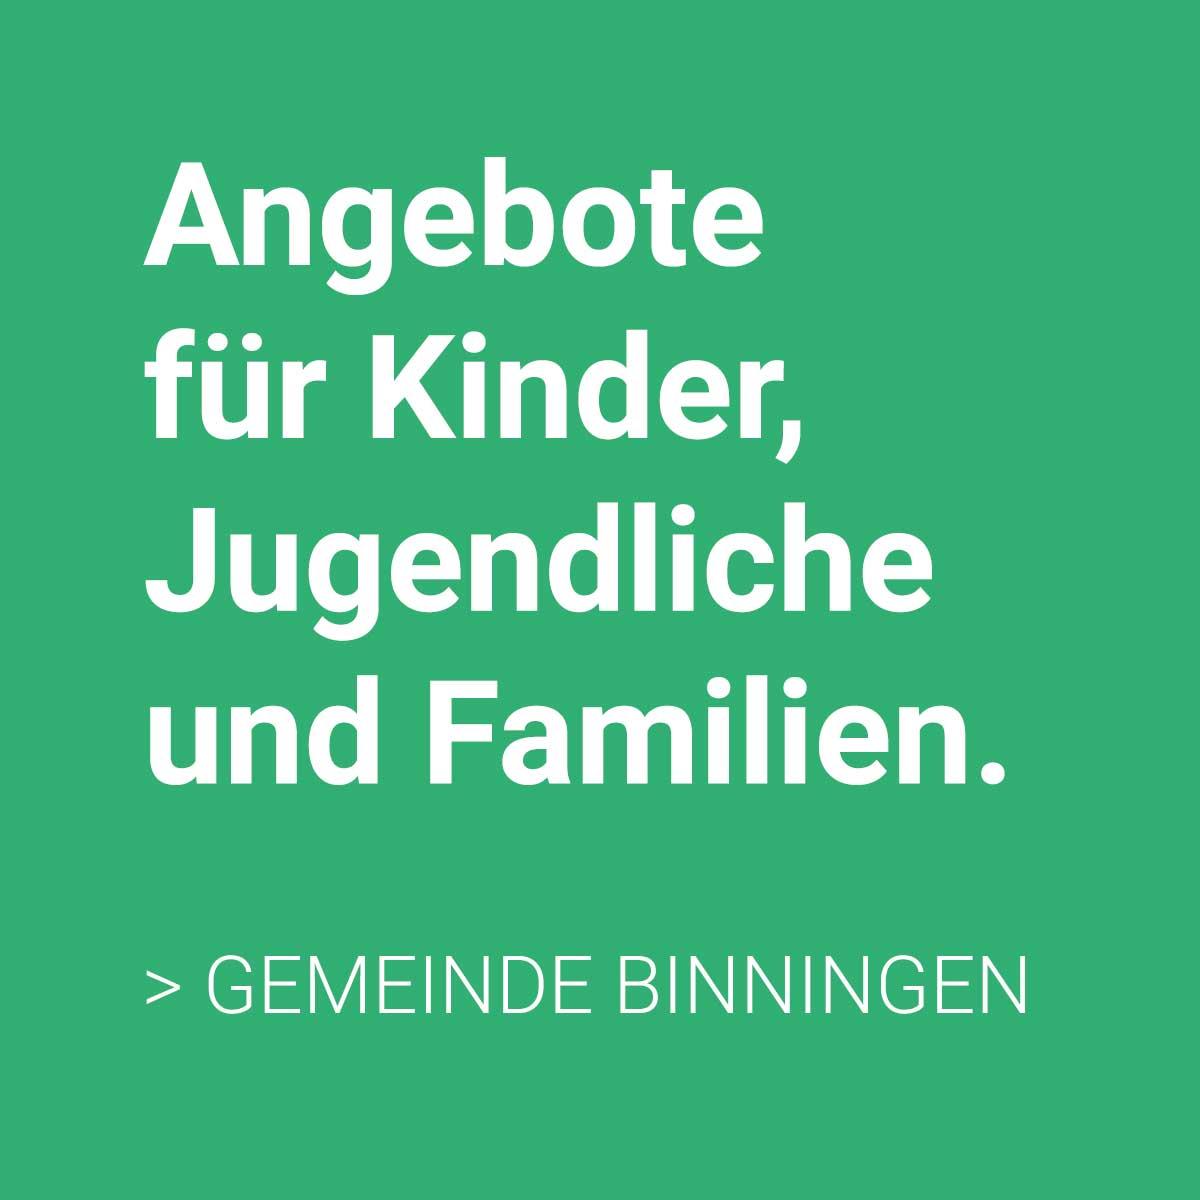 Angebote für Kinder Jugendliche und Familien Binningen